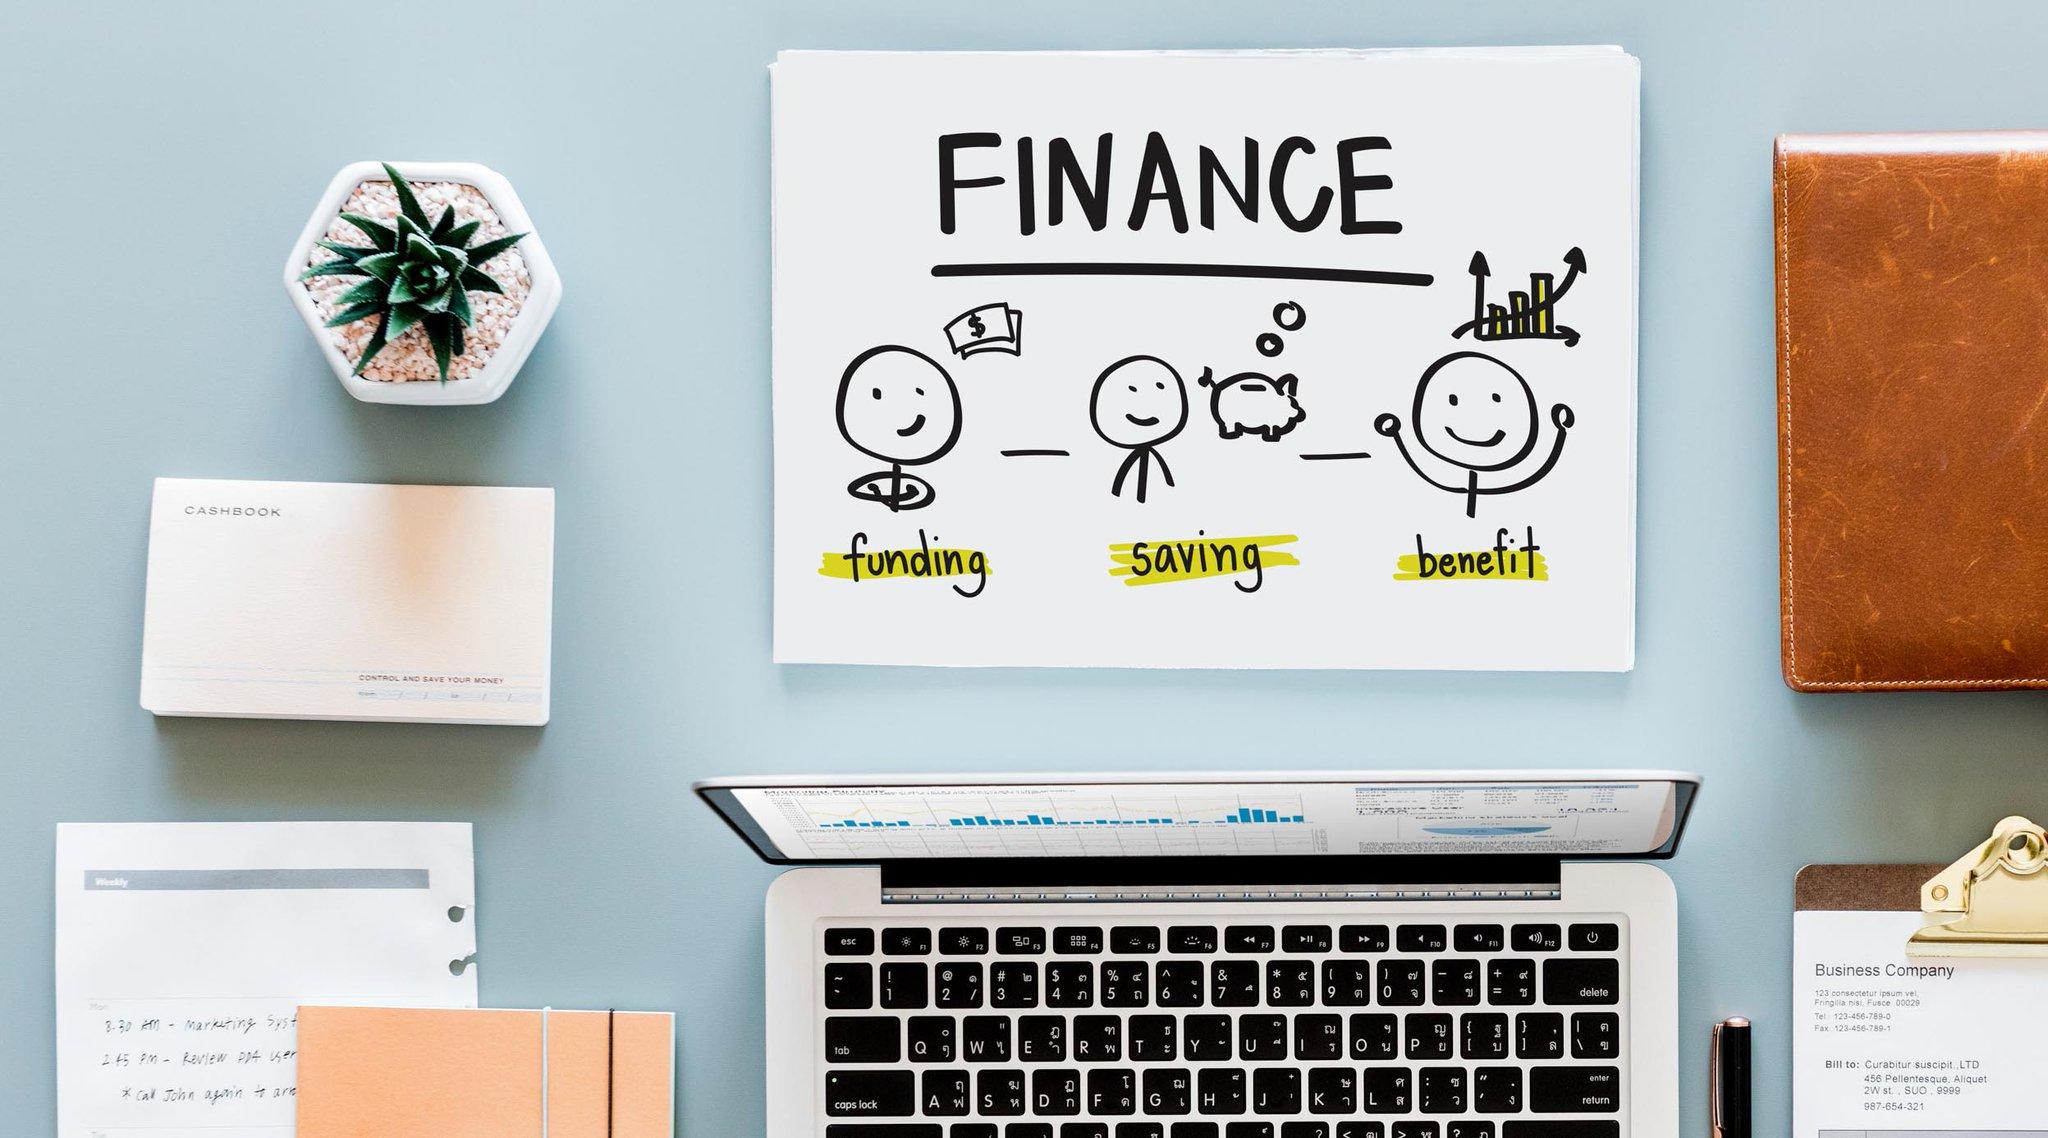 Mách bạn 5 thói quen tiền bạc đơn giản giúp bạn tự tin về tài chính cá nhân - Ảnh 4.